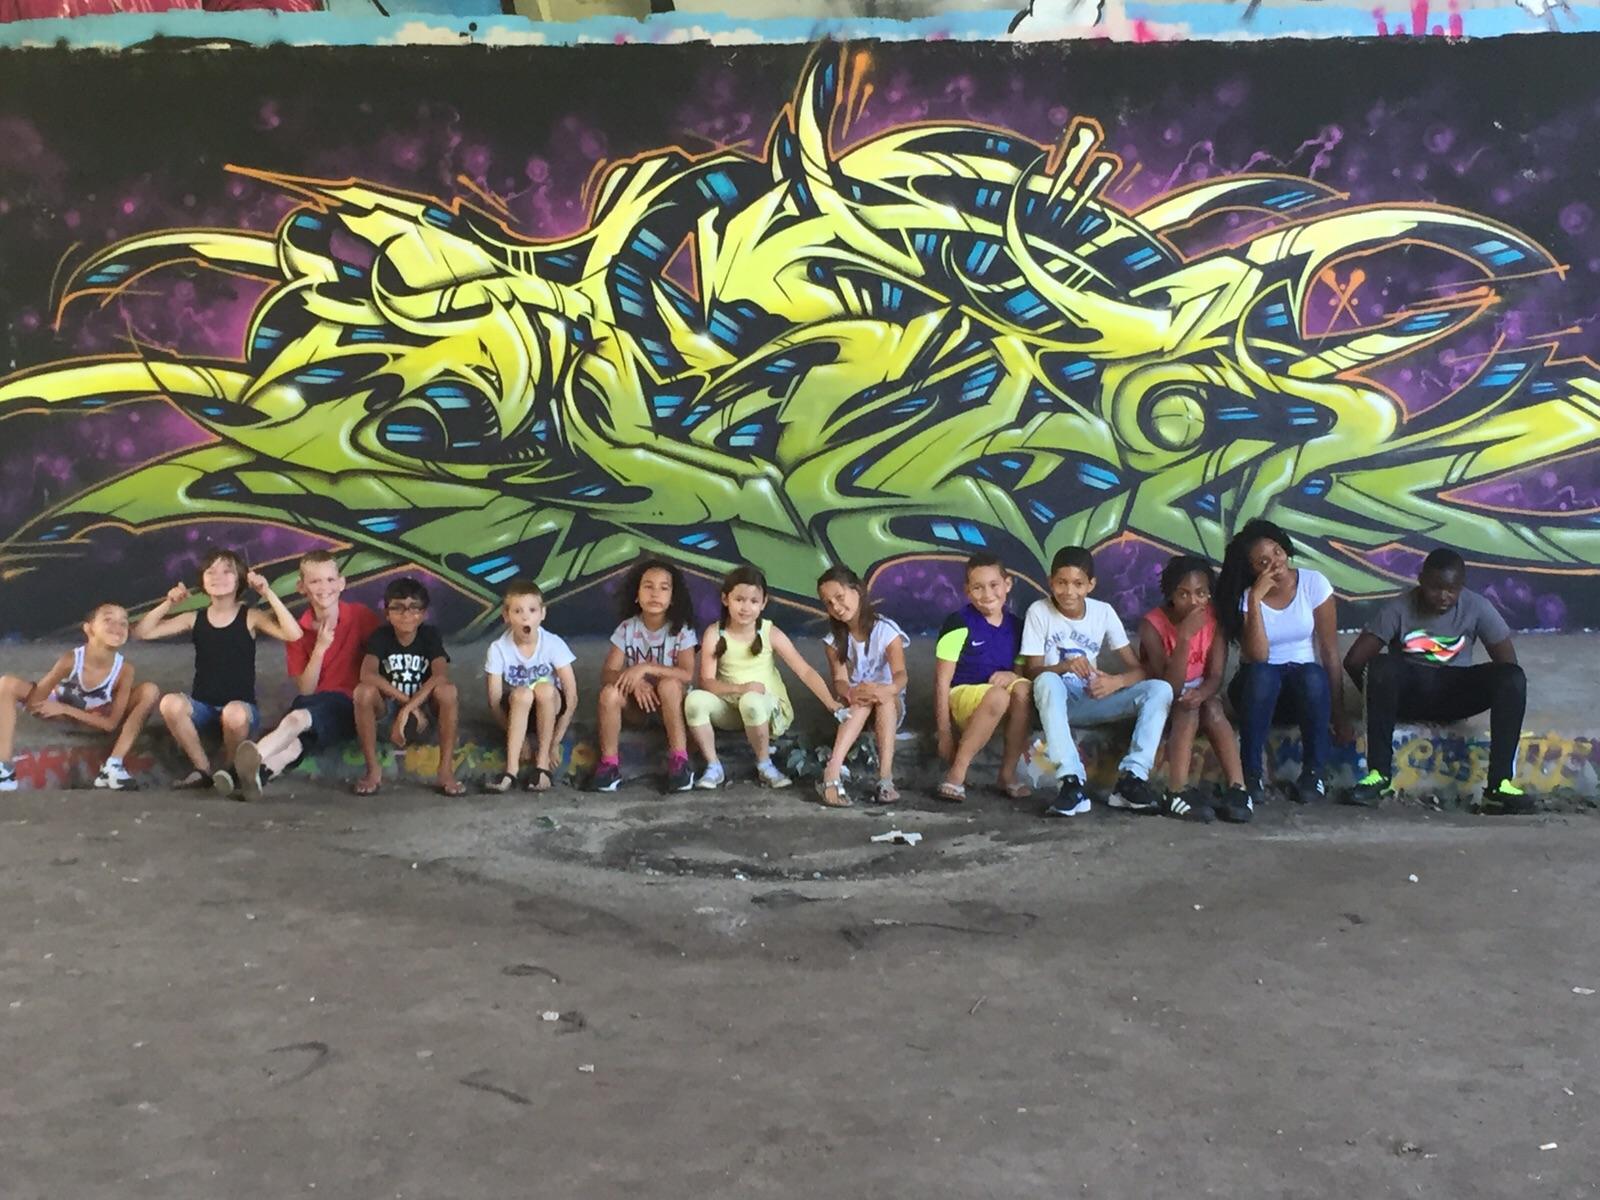 Graffiti feestje in Haarlem